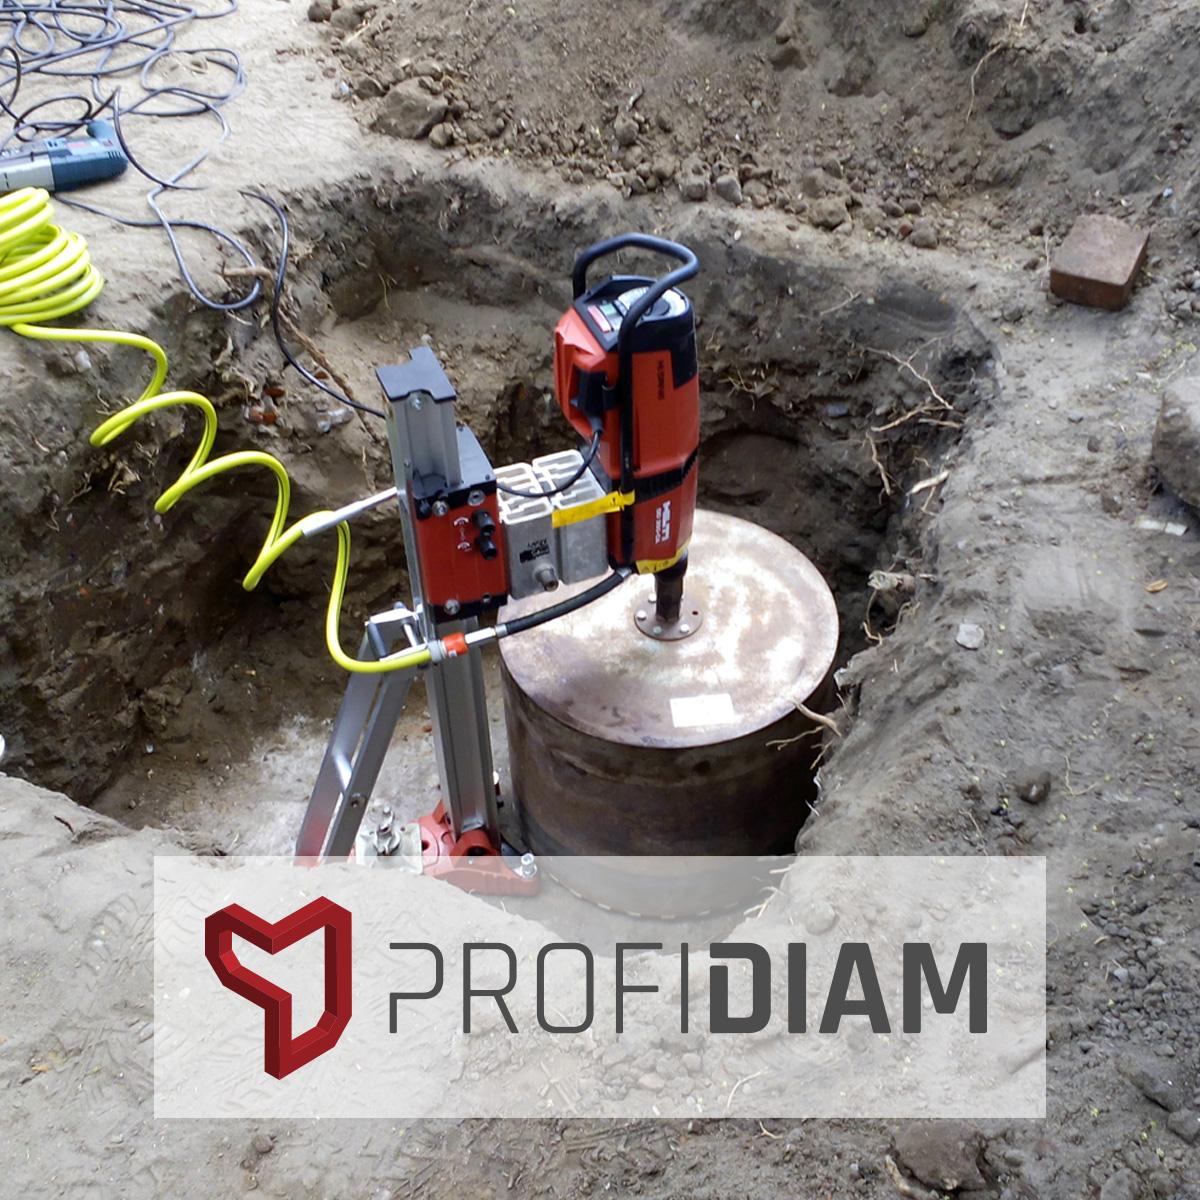 ProfiDiam - Odwiert w studzience telekomunikacyjnej